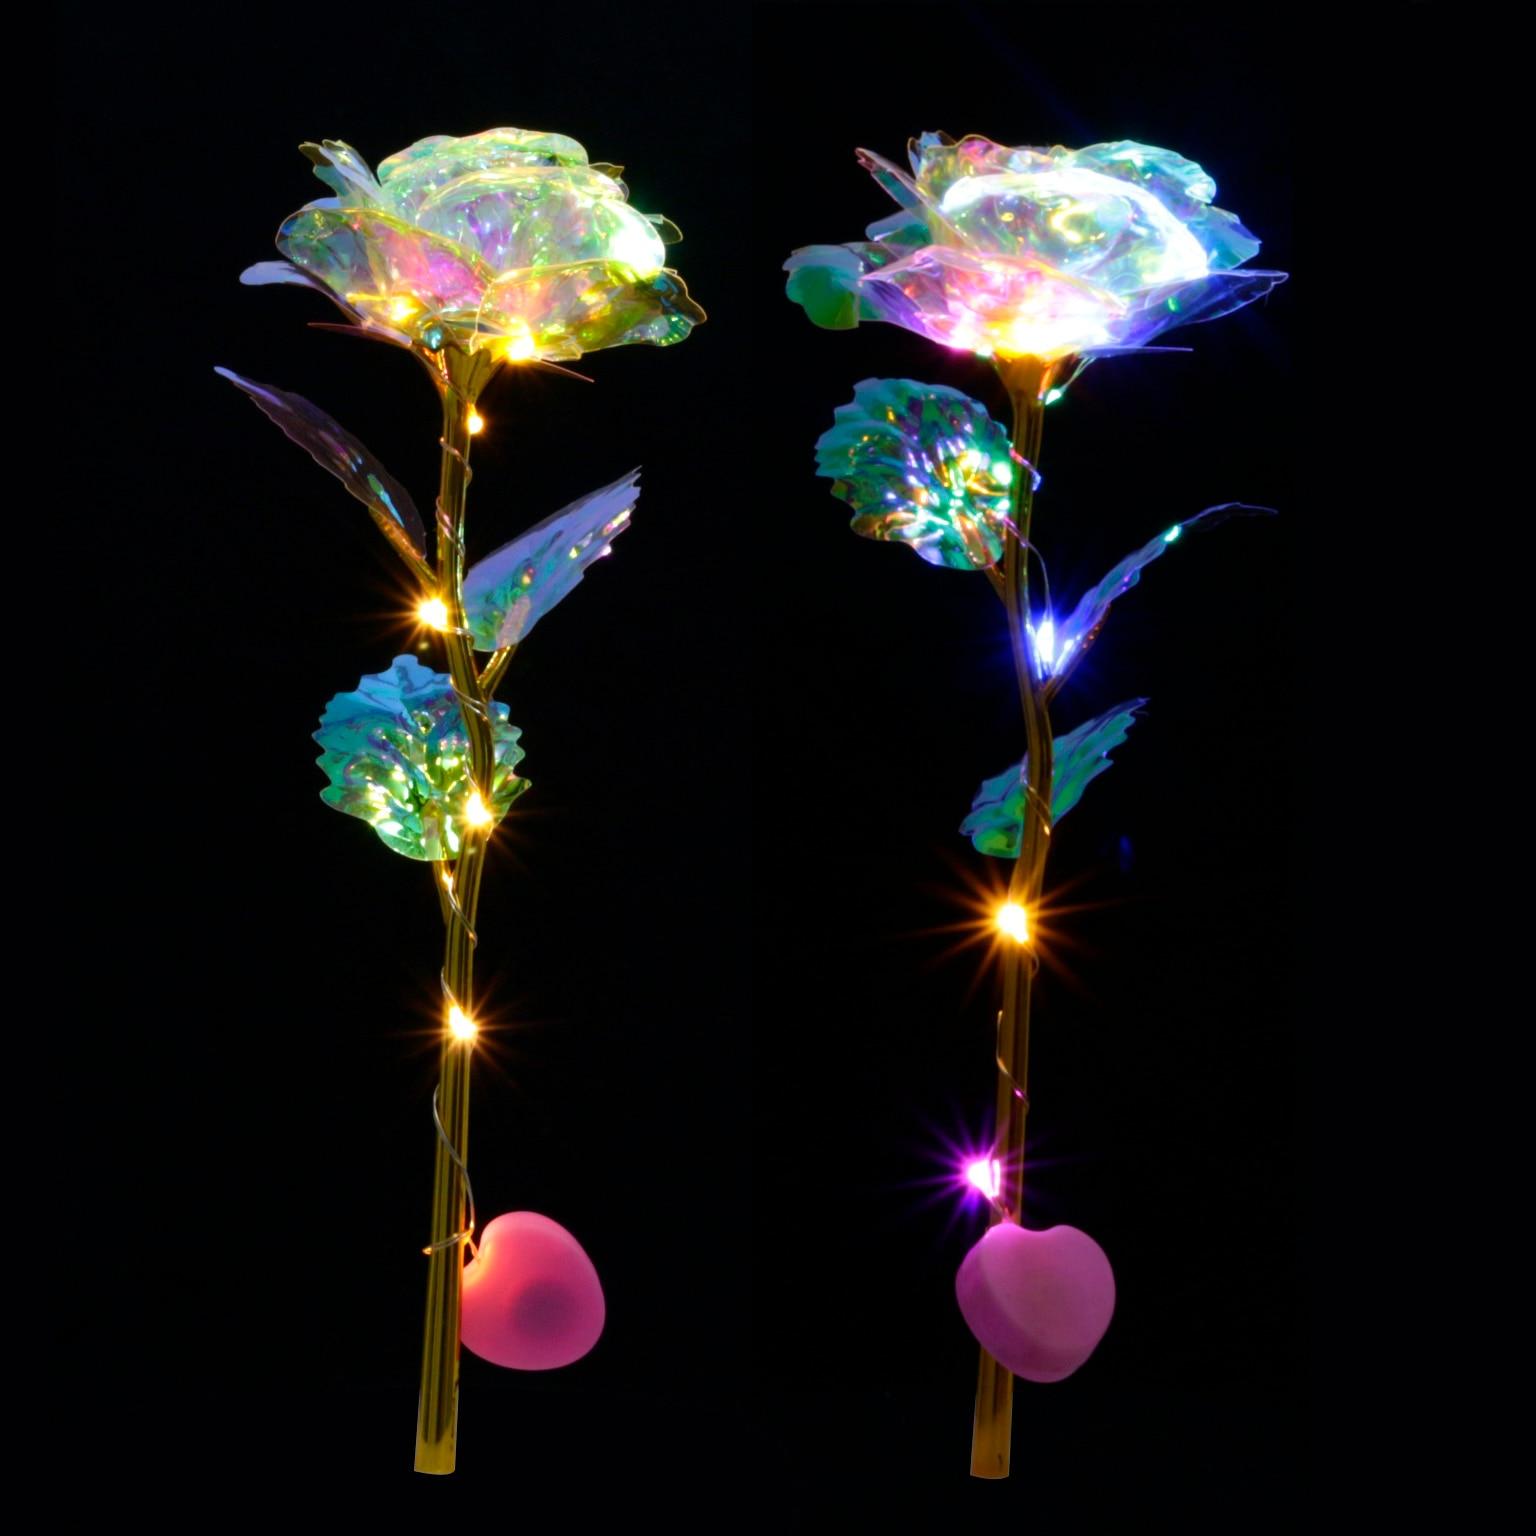 Romántico colorido LED Hada Rosa Artificial galaxia rosas flores para niña amiga San Valentín Regalo boda fiesta hogar Decoración Rosas artificiales amantes de la flor del Día de San Valentín cristal Rosa regalos de boda pequeño regalo fiesta festiva suministros flores